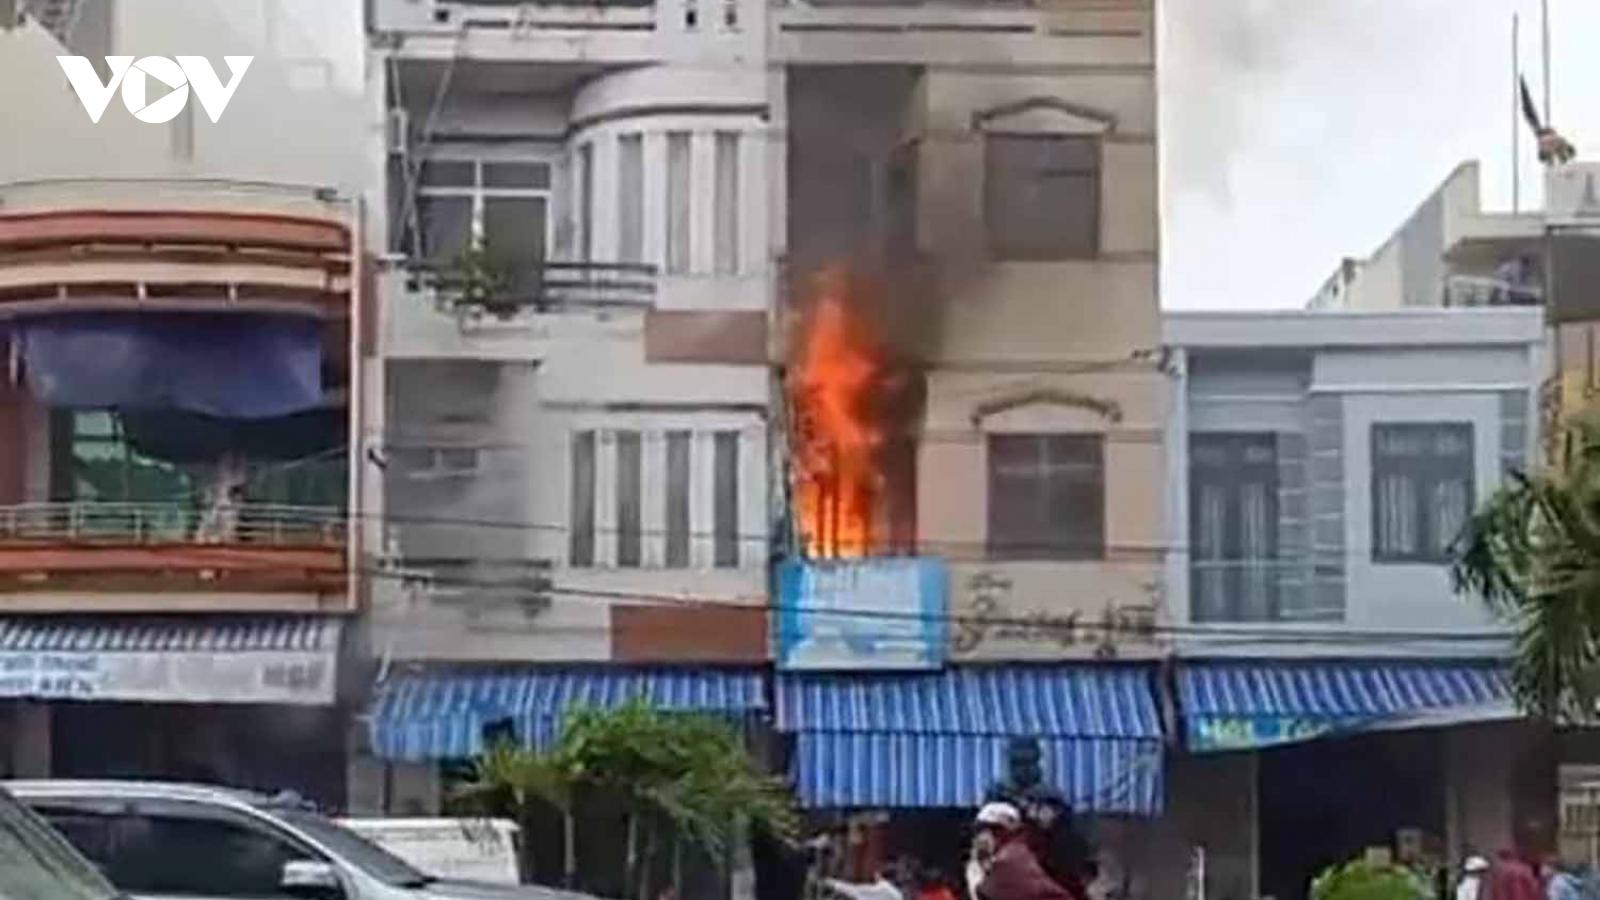 Liên tiếp xảy ra 2 vụ cháy nhà ở Bình Định khi bão số 12 đổ bộ